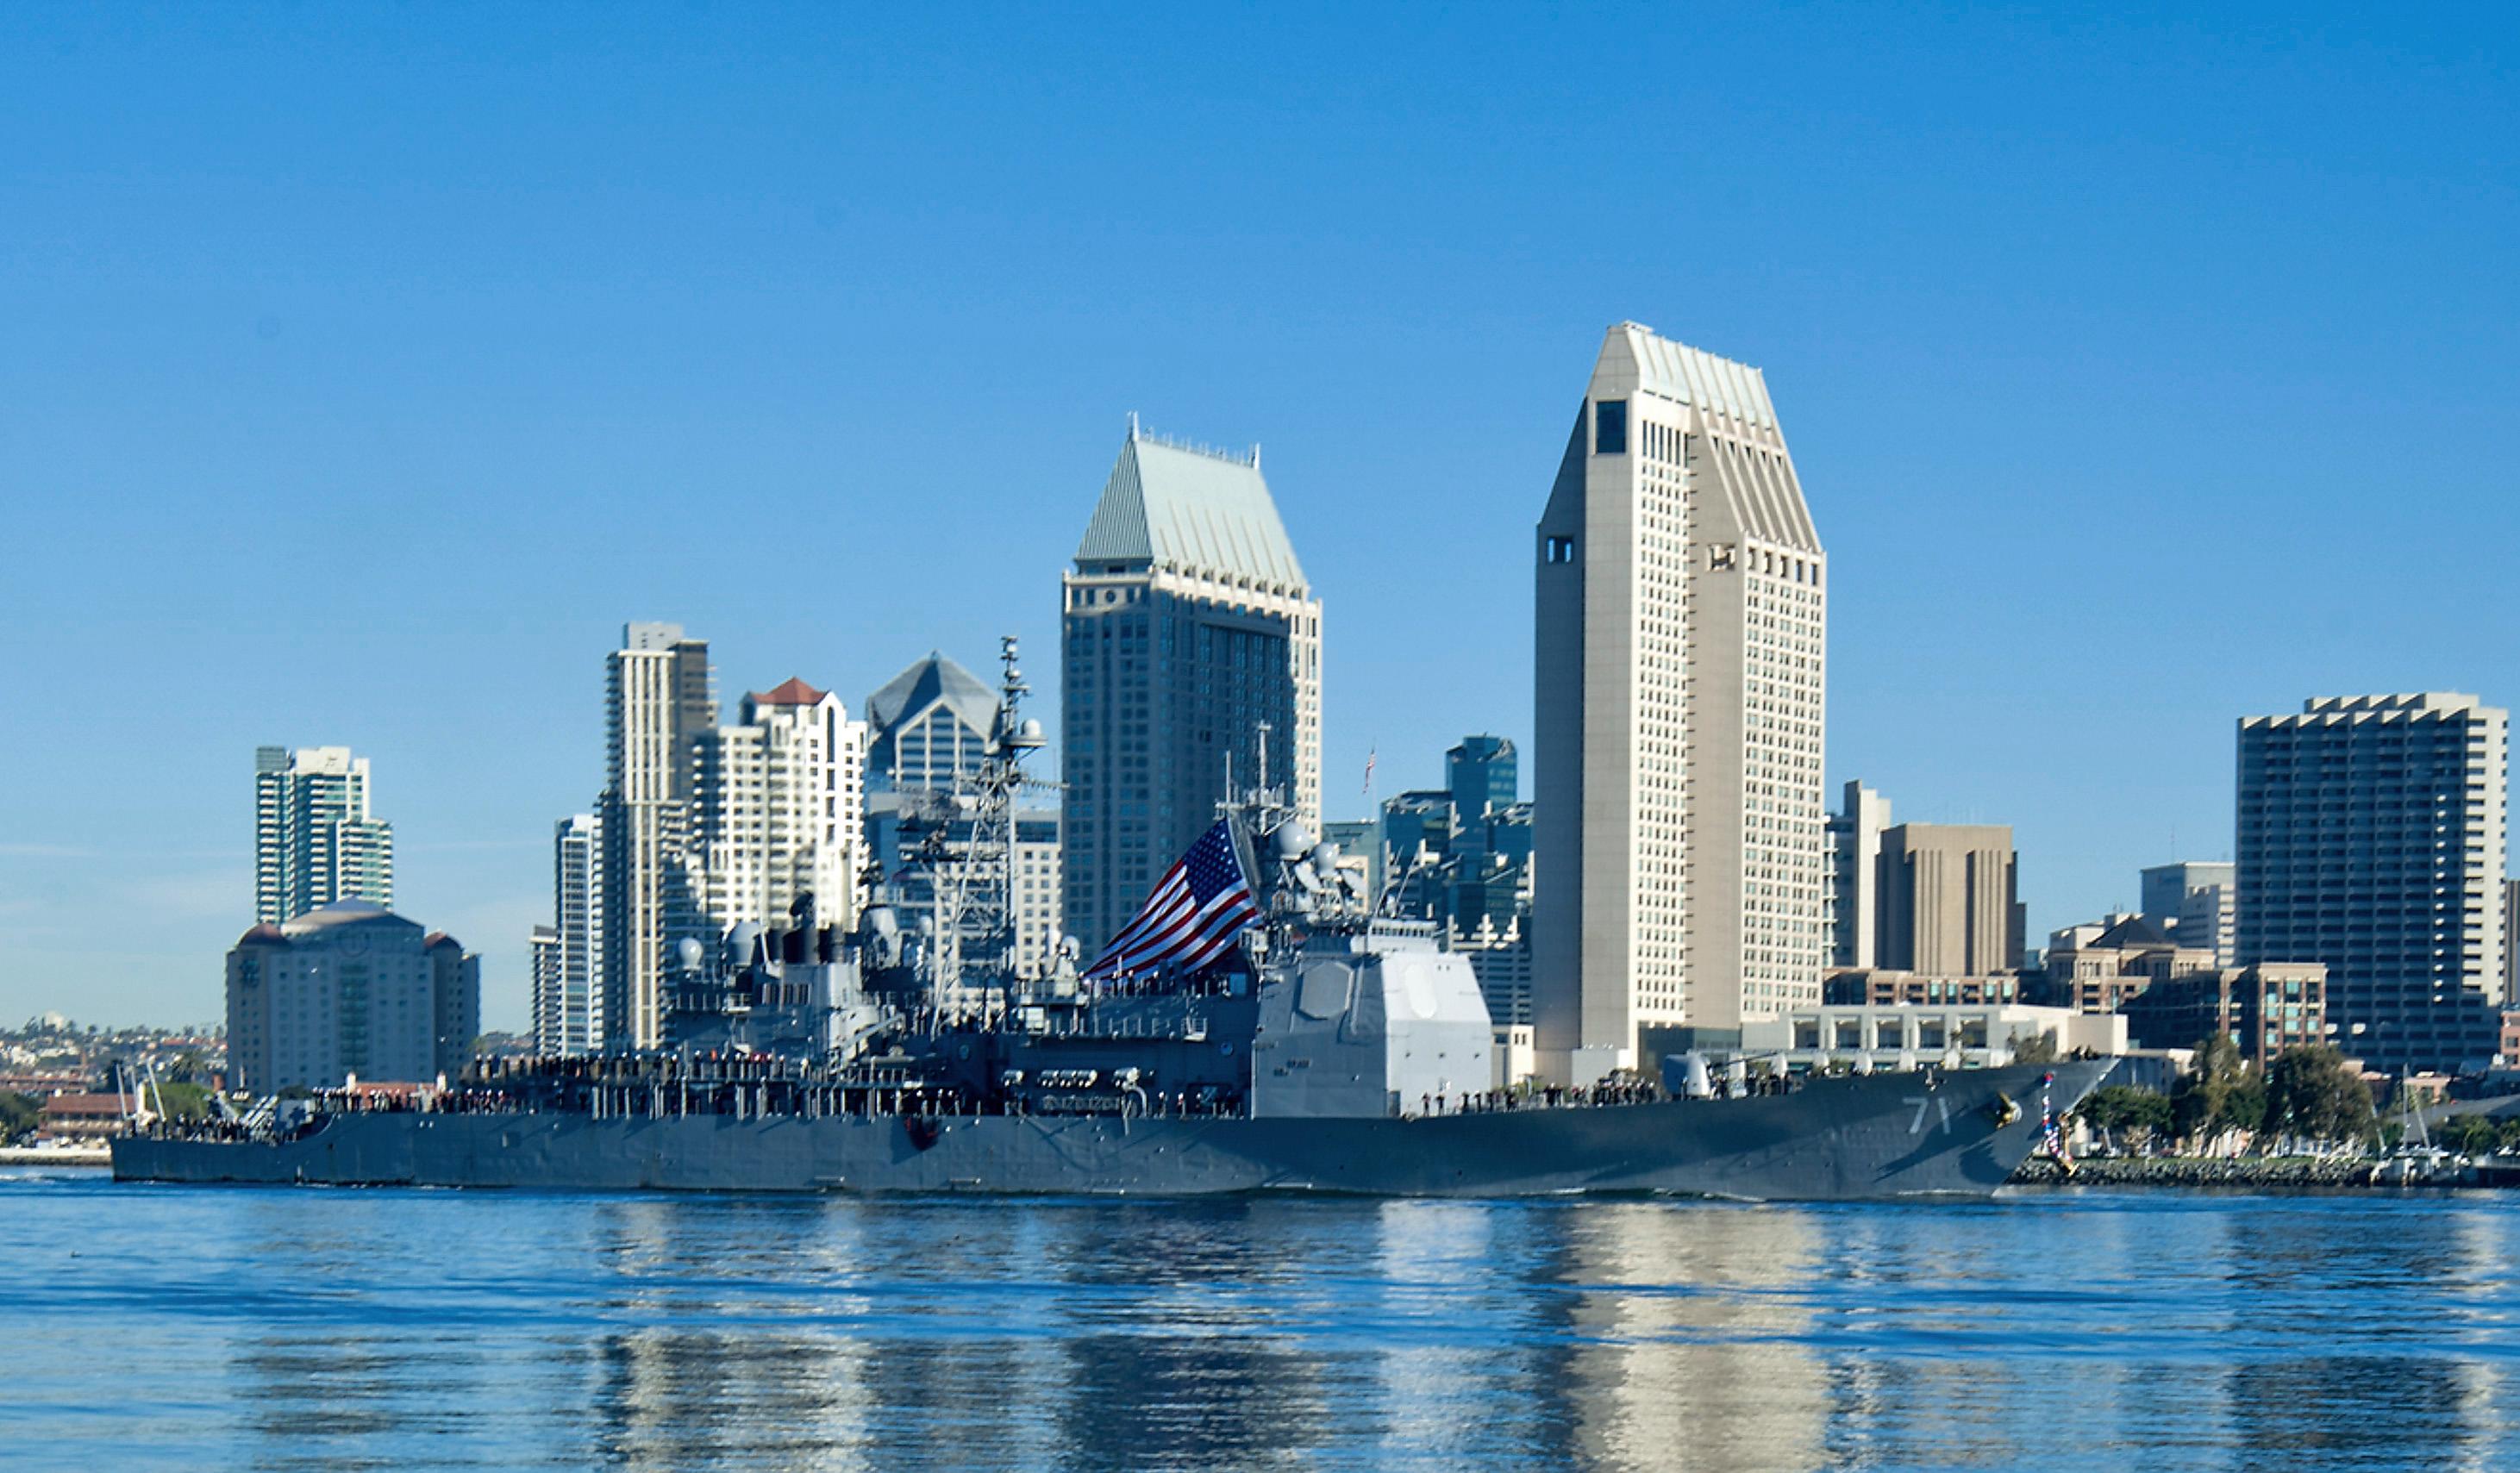 USS CAPE ST. GEORGE CG-71 Einlaufen San Diego am 16.01.2015 Bild: U.S. Navy